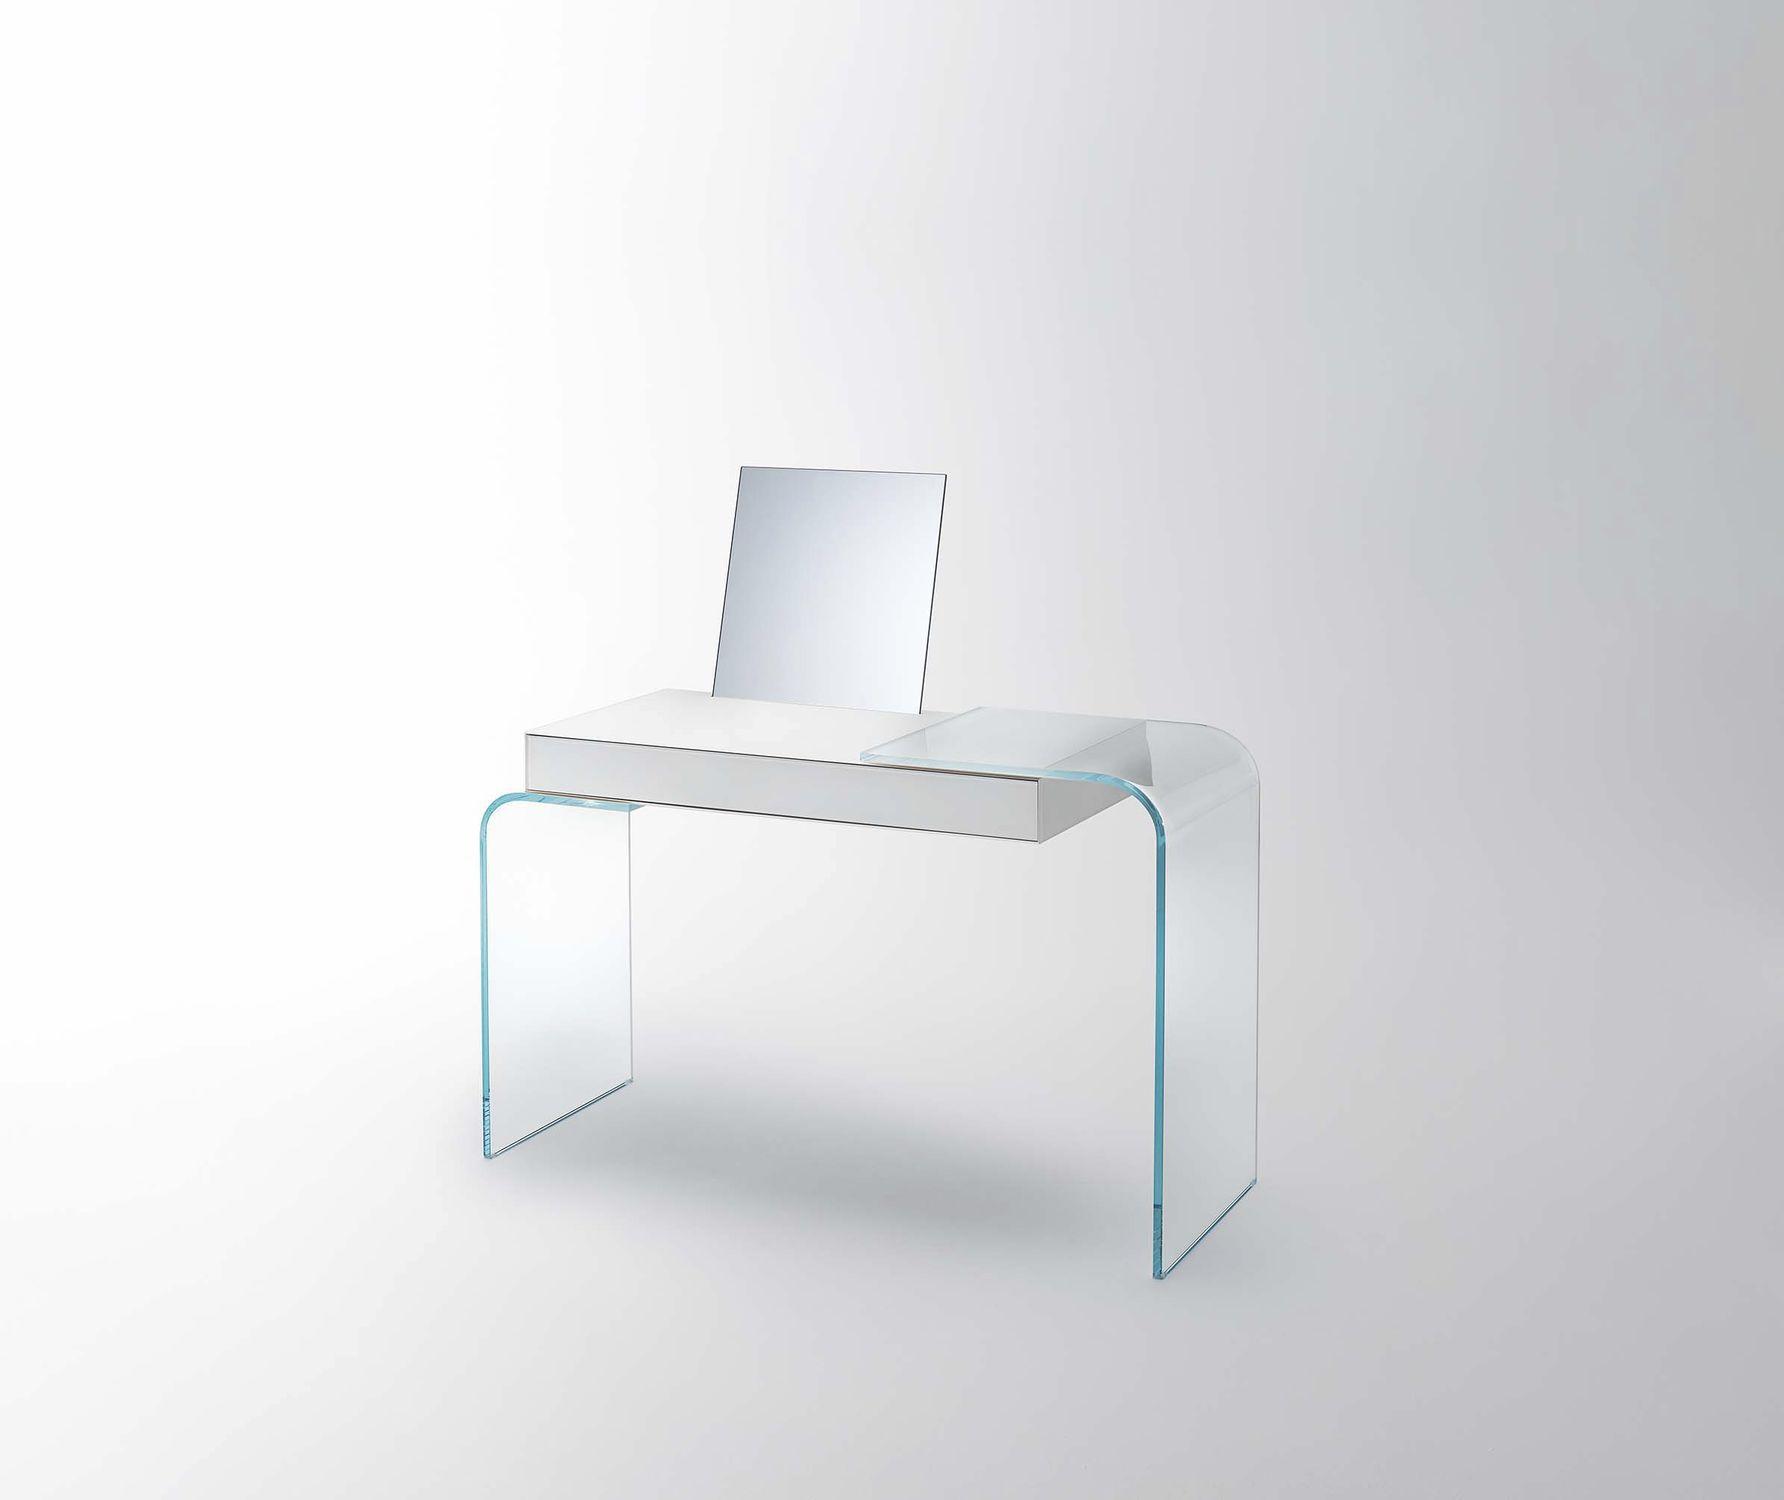 Glass Desk Strata Glas Italia Contemporary Contract